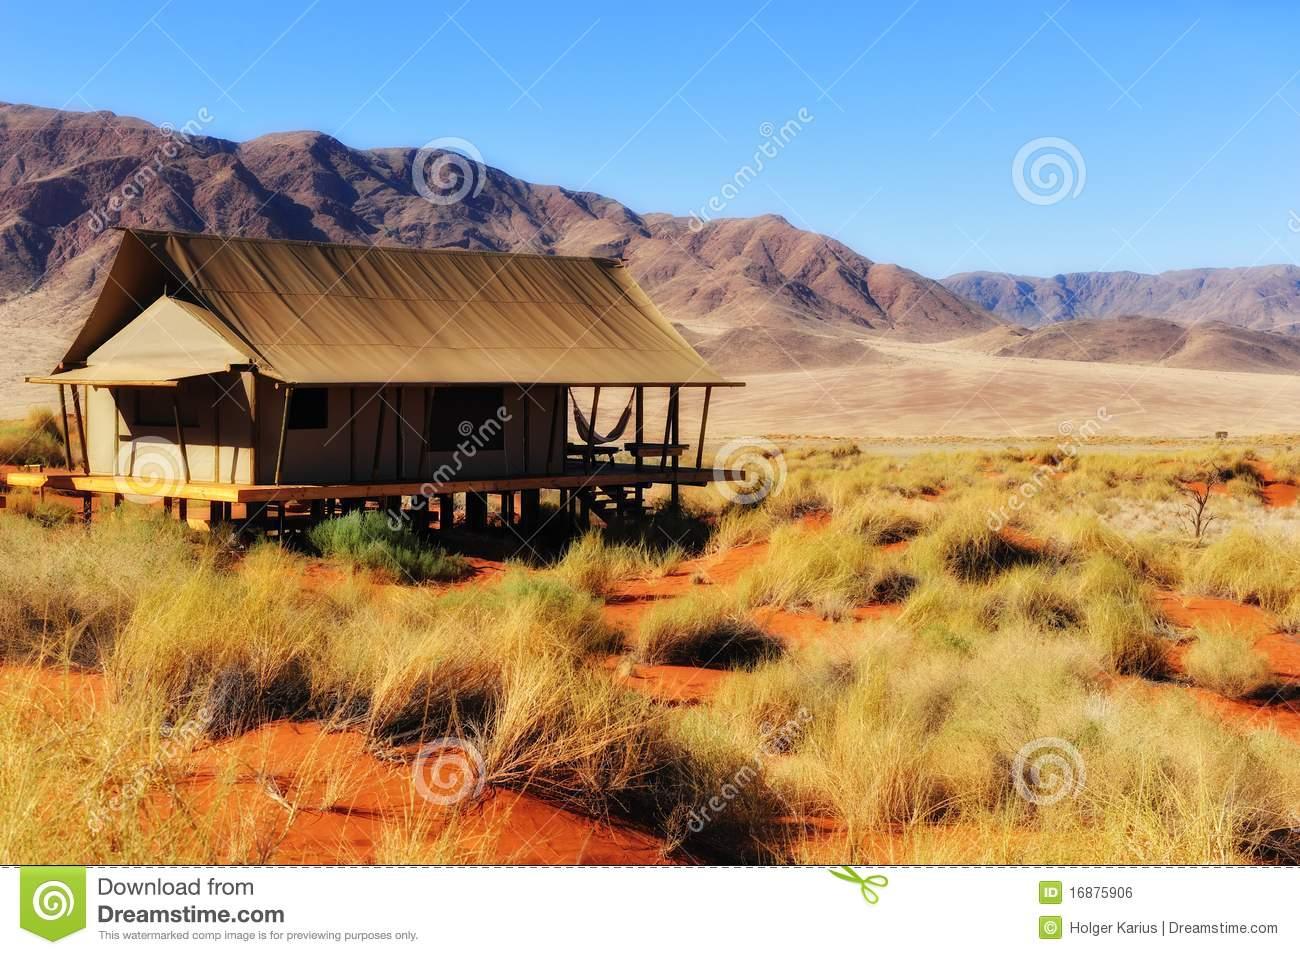 Namib Desert clipart #15, Download drawings